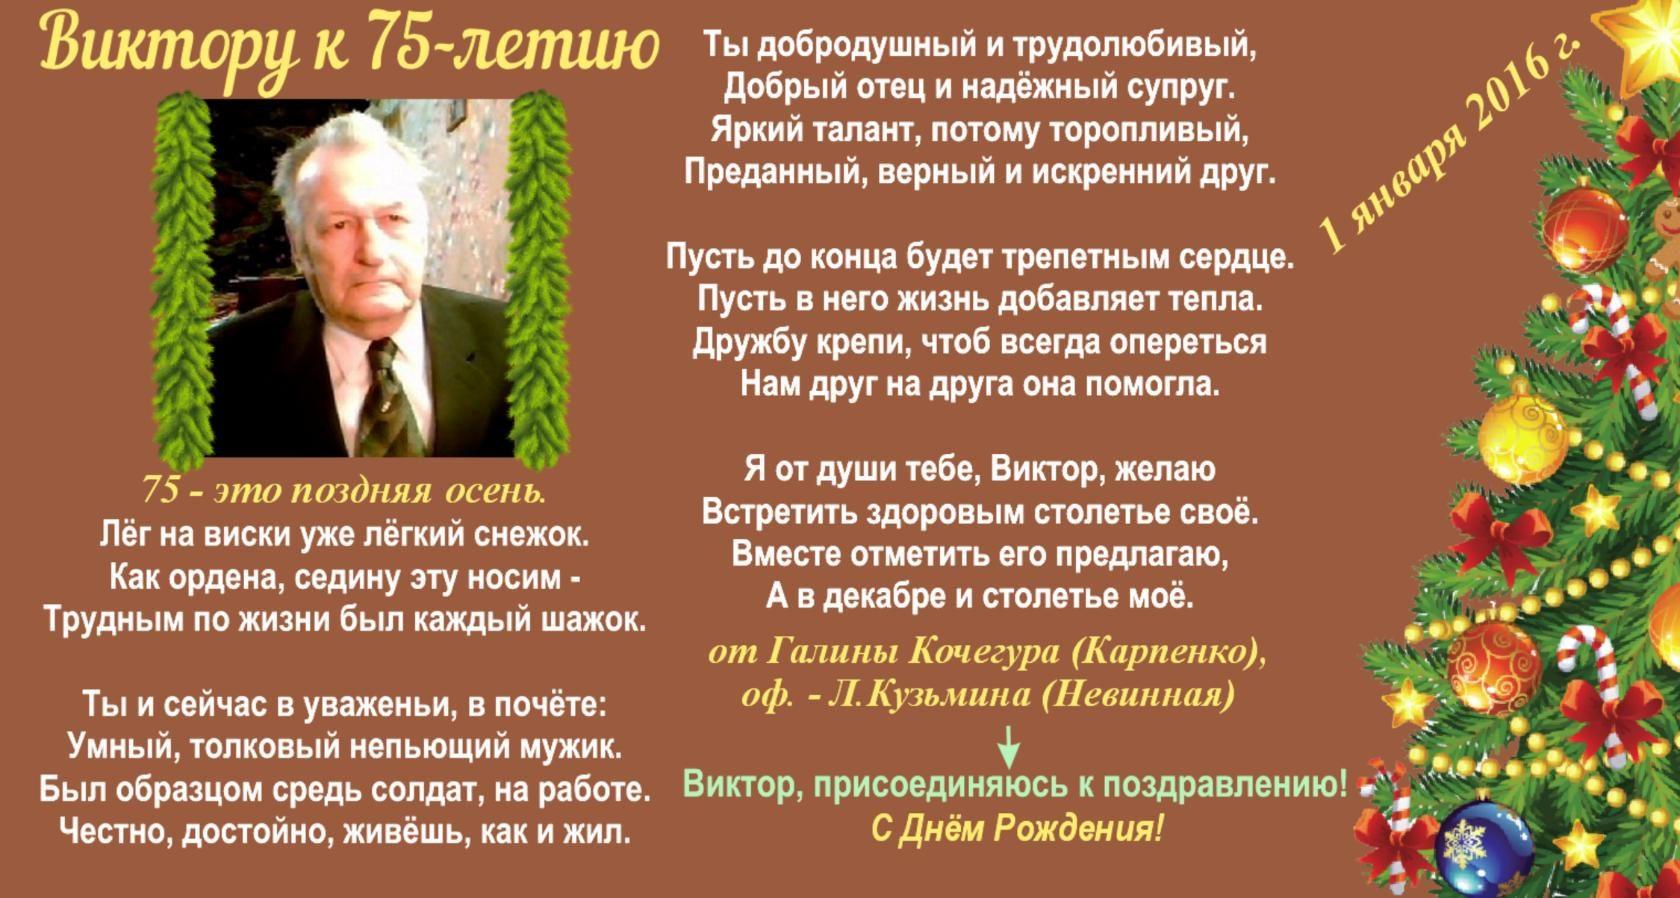 Поздравление на юбилей отцу 75 лет 27